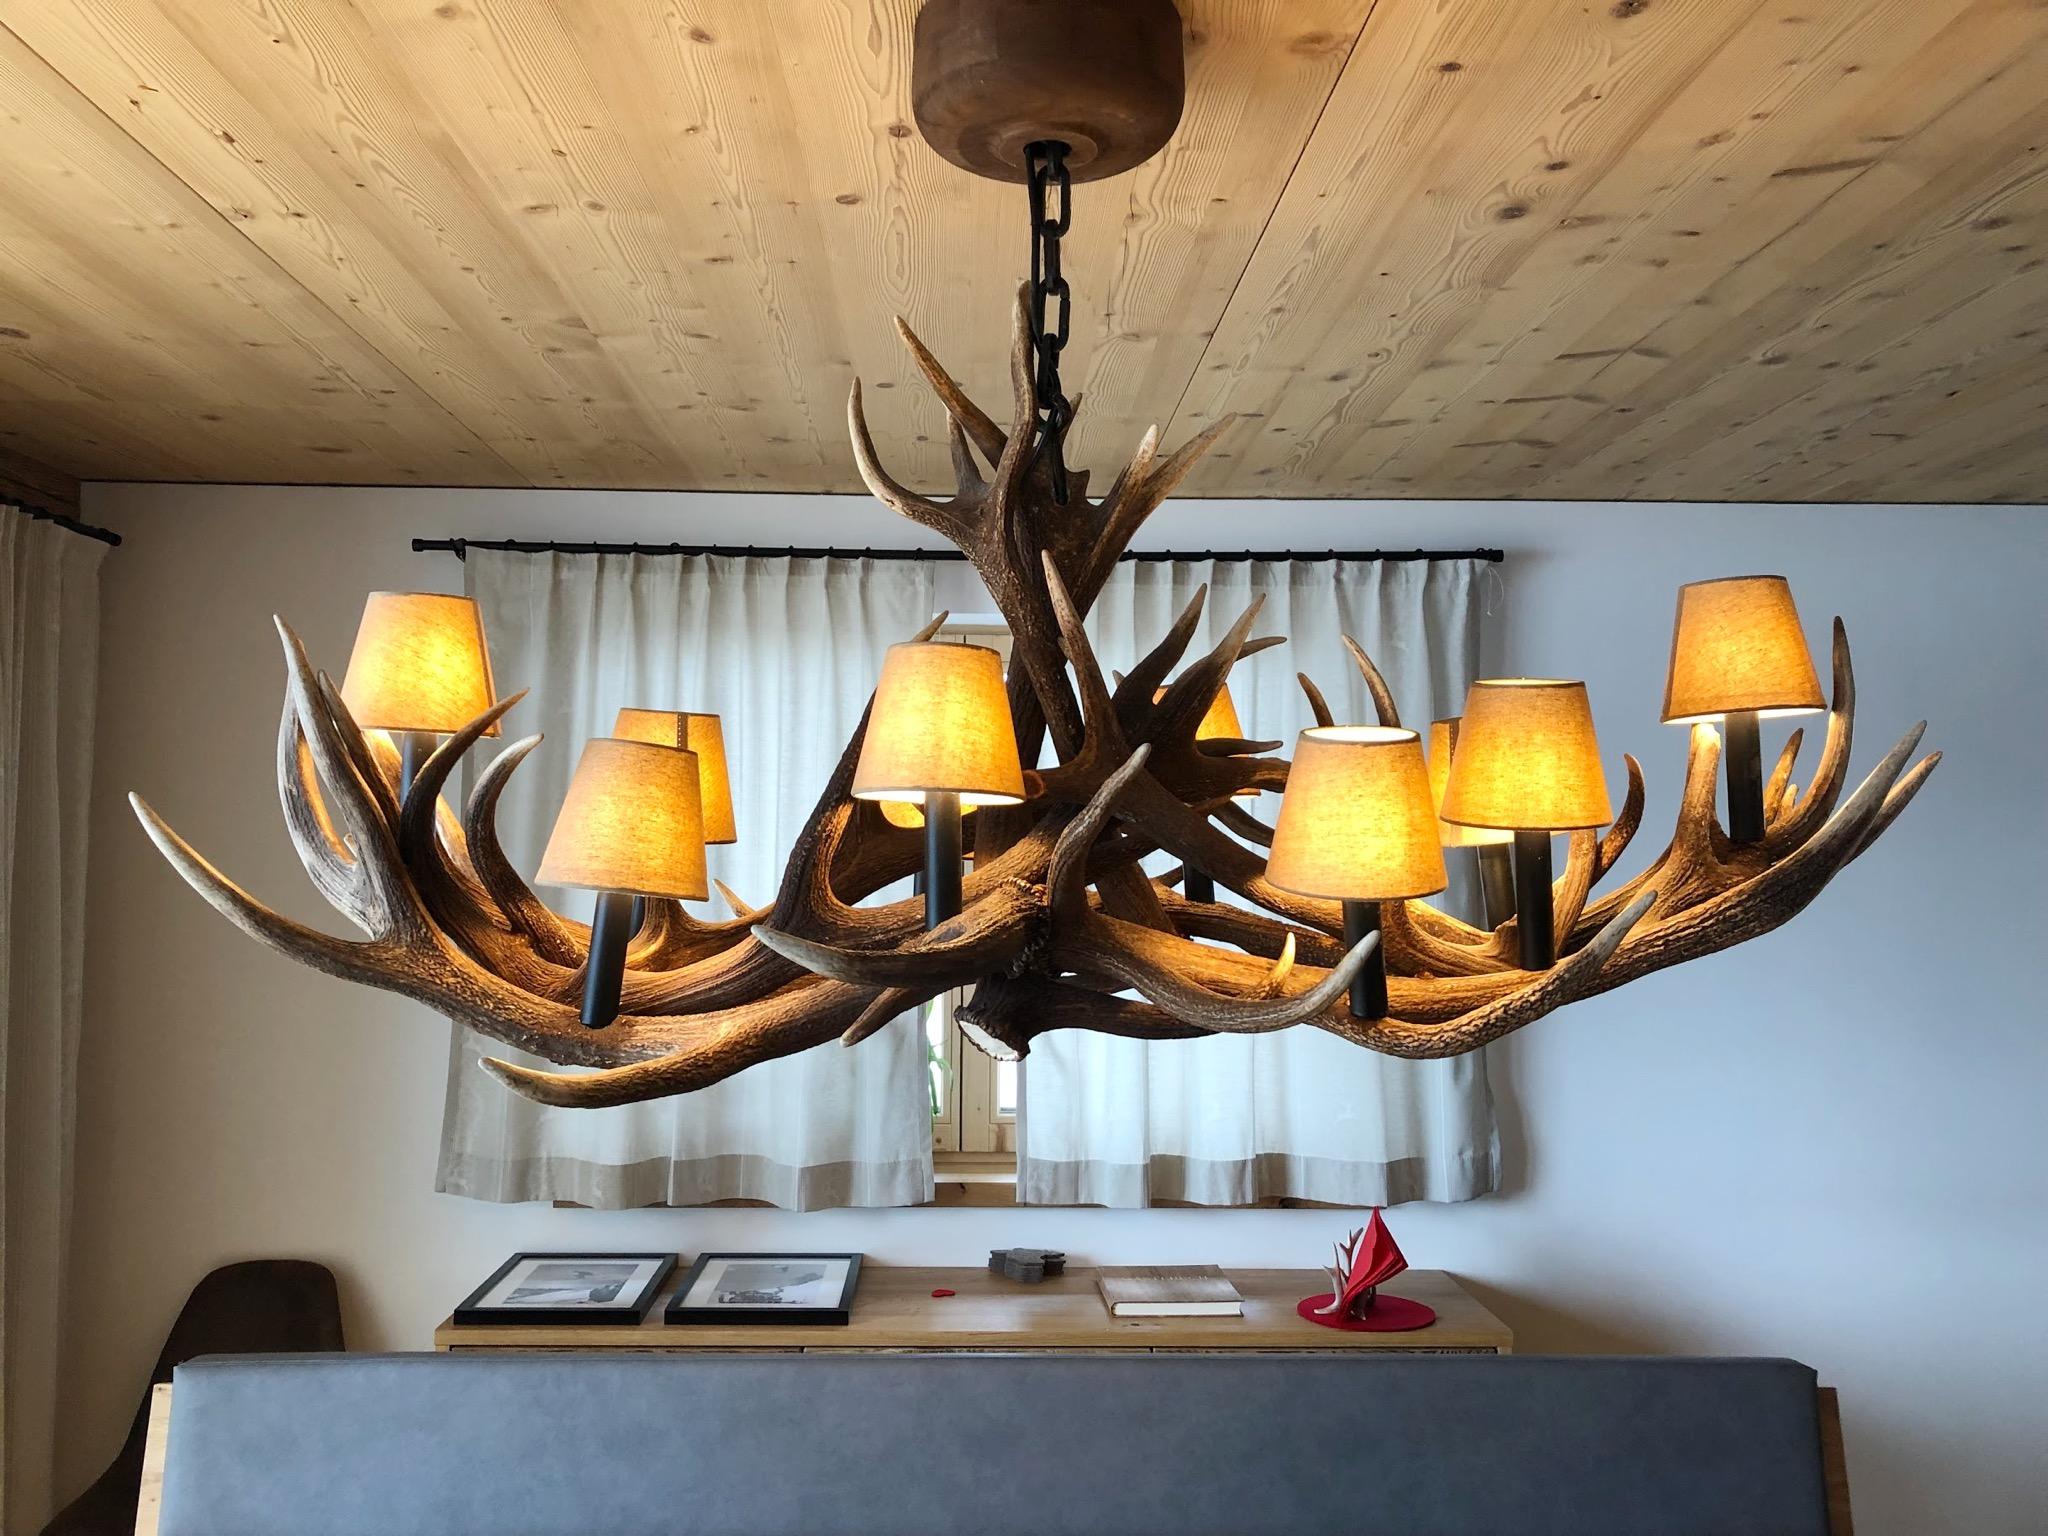 Full Size of Lampen Esstisch Essitsch Geweihlampe Designed By Oh My Deer Magefertigt Antik Sofa Für Quadratisch Lampe Massiv Ausziehbar Großer Holz Rund Eiche Sägerau Esstische Lampen Esstisch